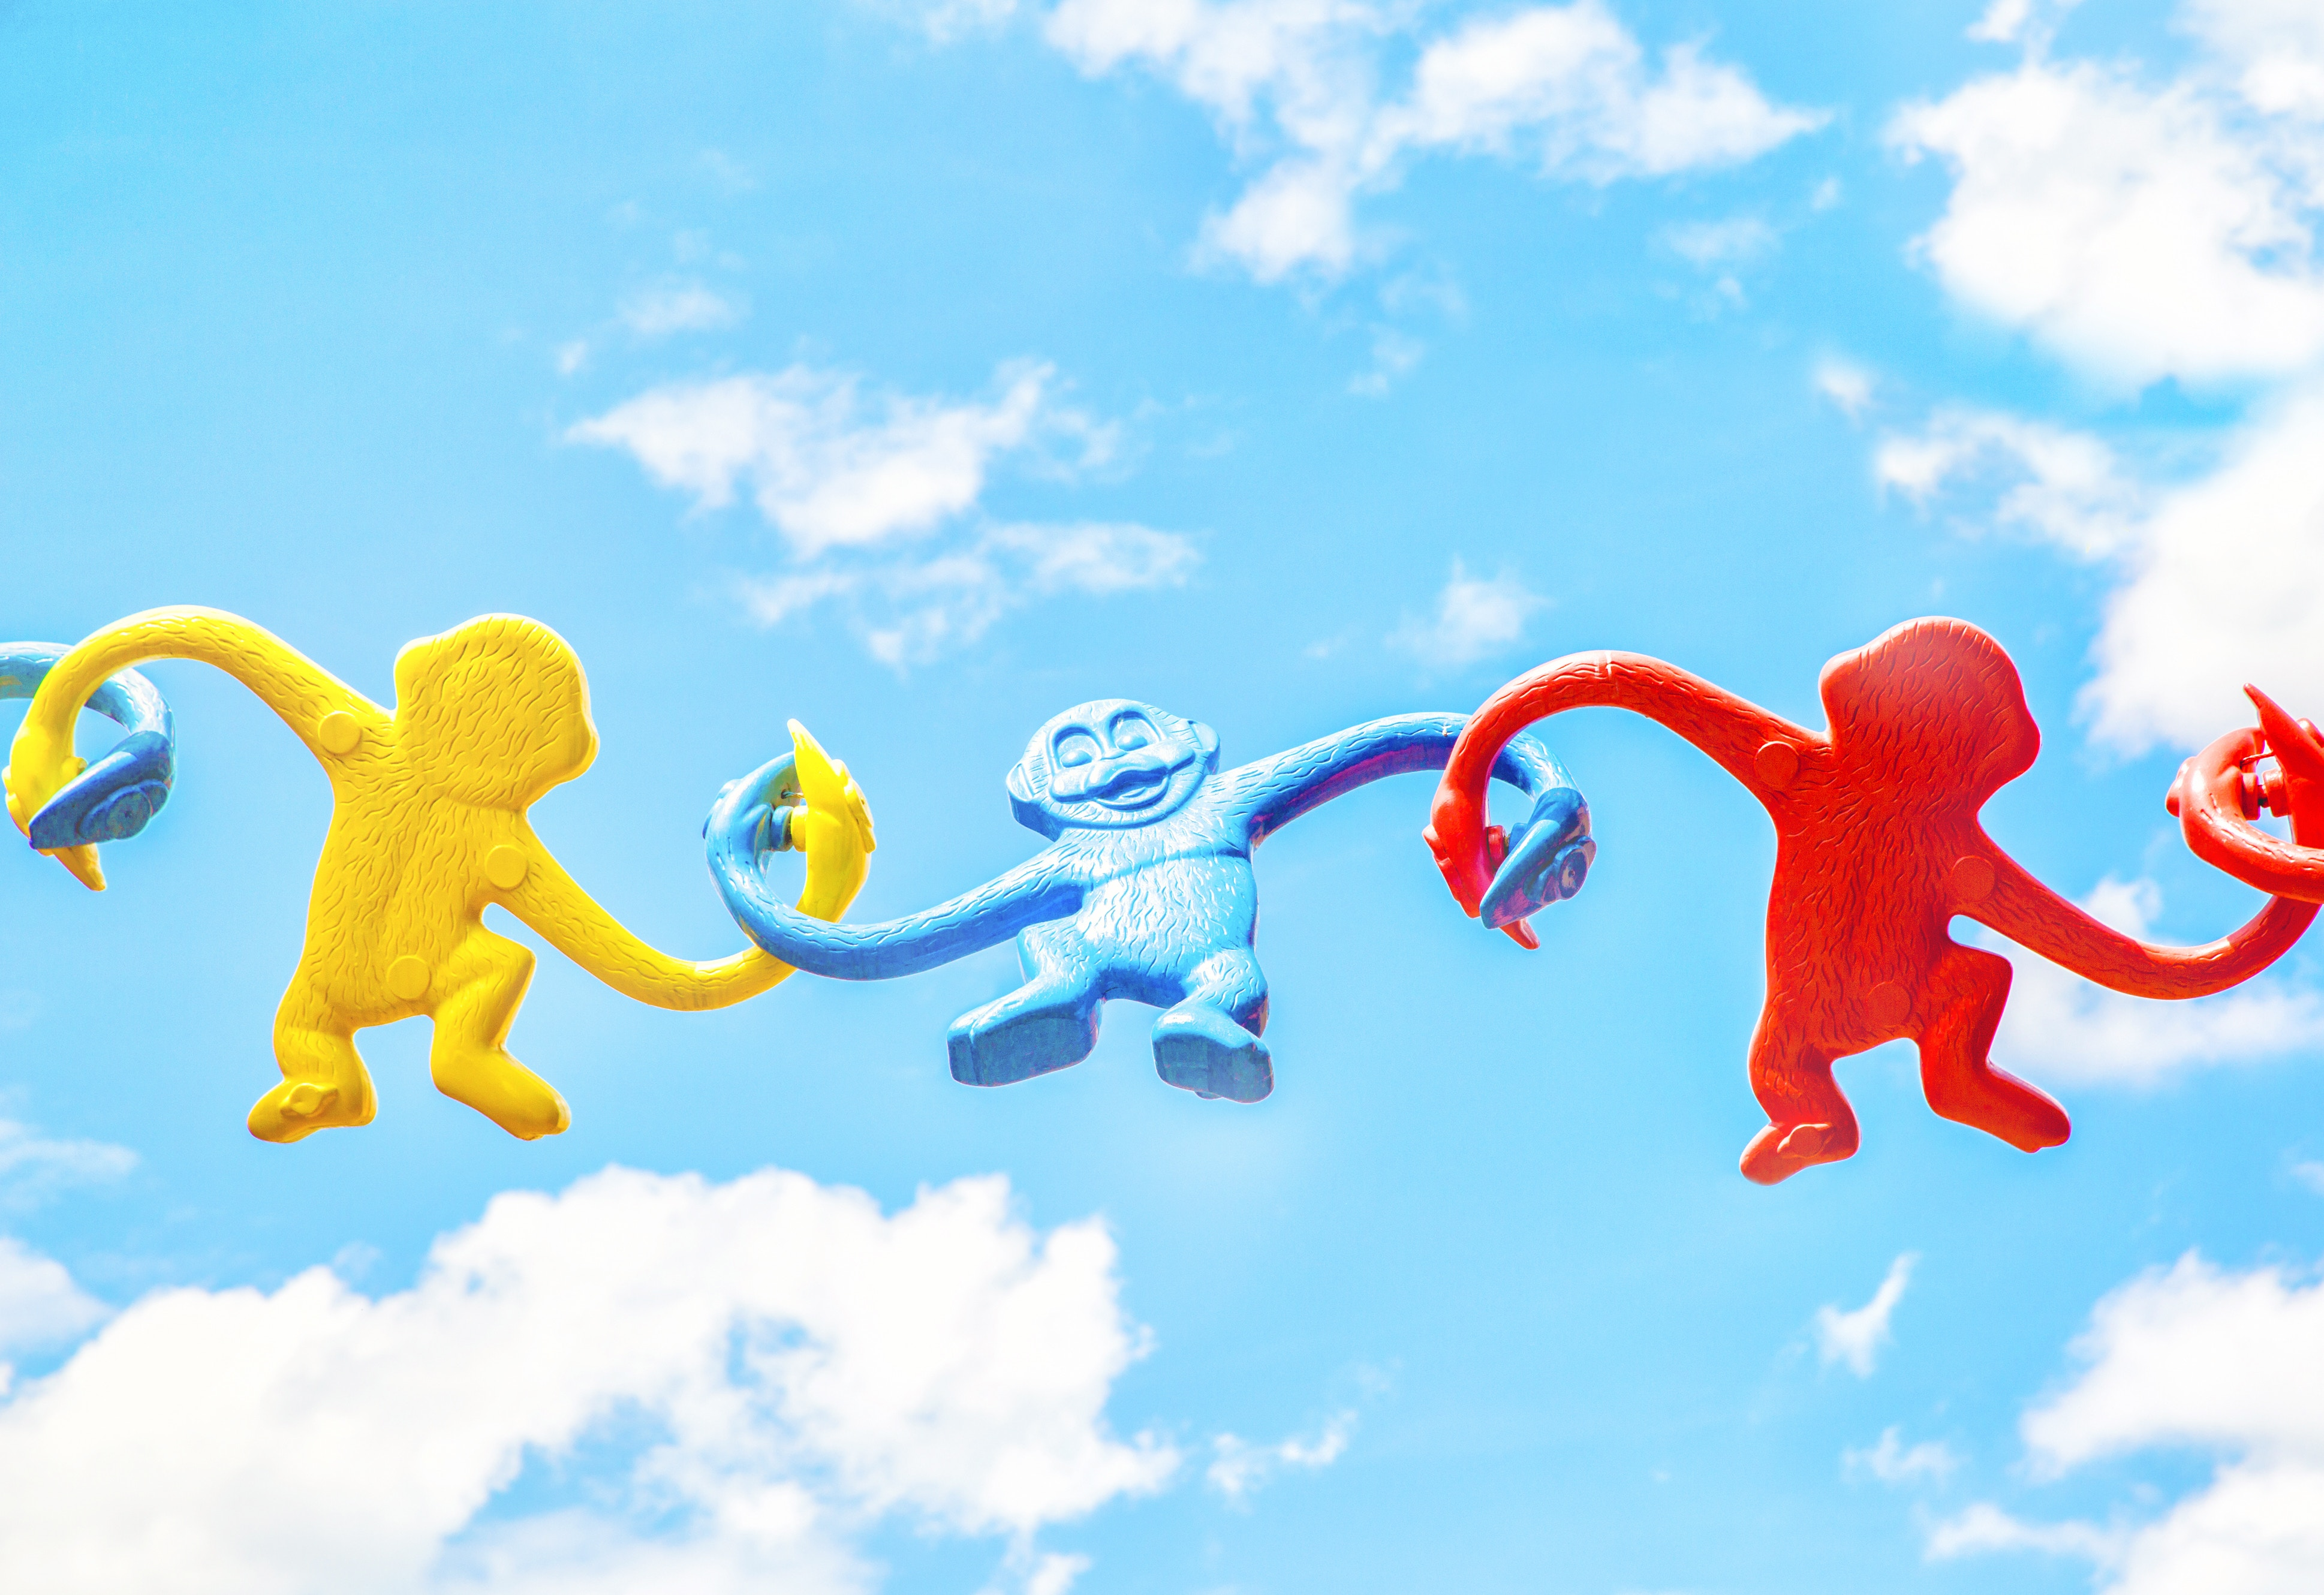 Macacos coloridos de brinquedo